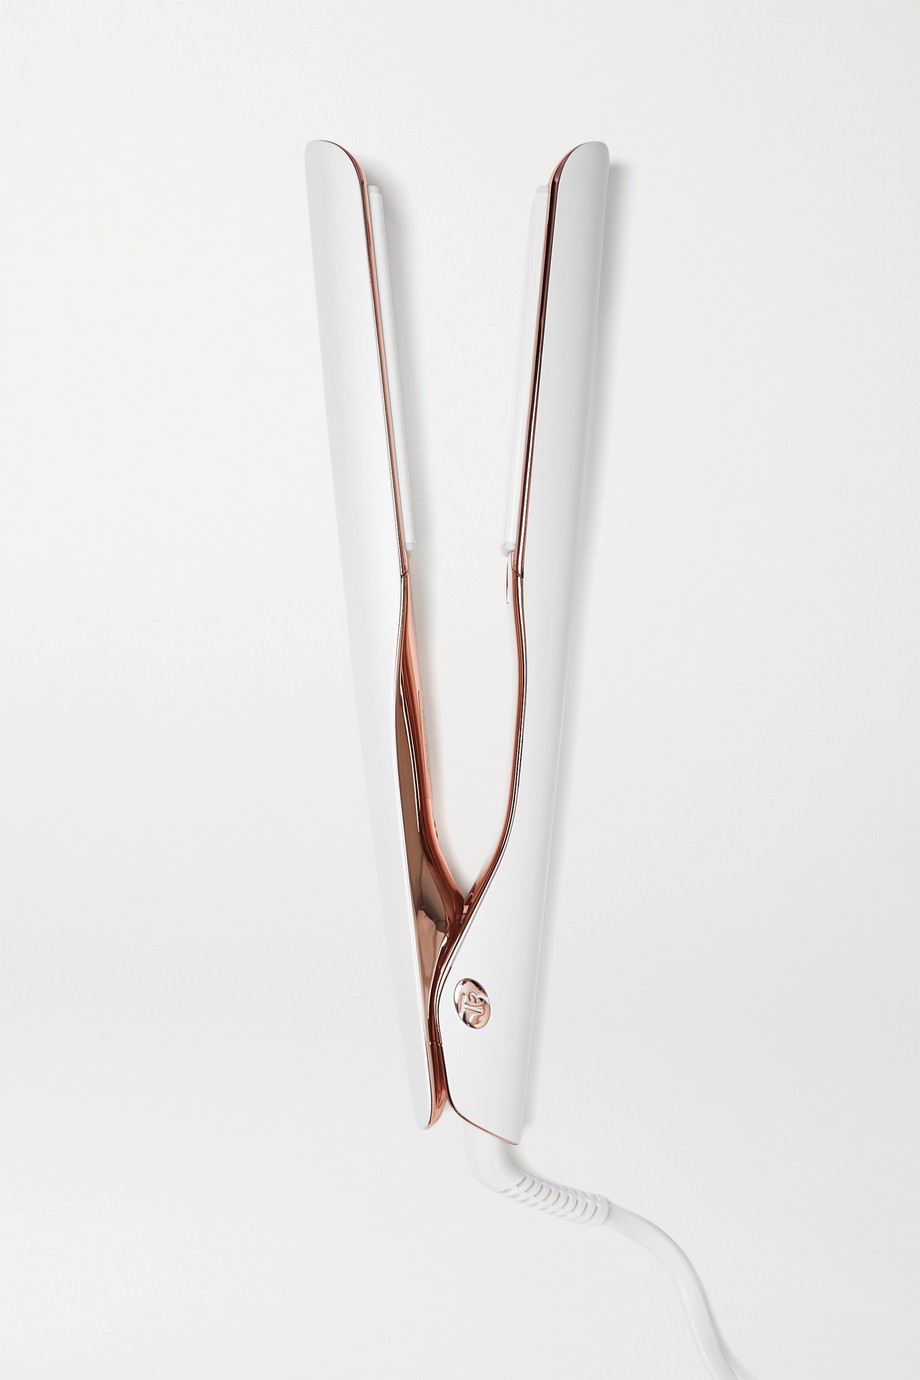 T3 Lucea ID 1-inch Straightening Flat Iron – Glätteisen mit zweipoligem Netzstecker (EU)